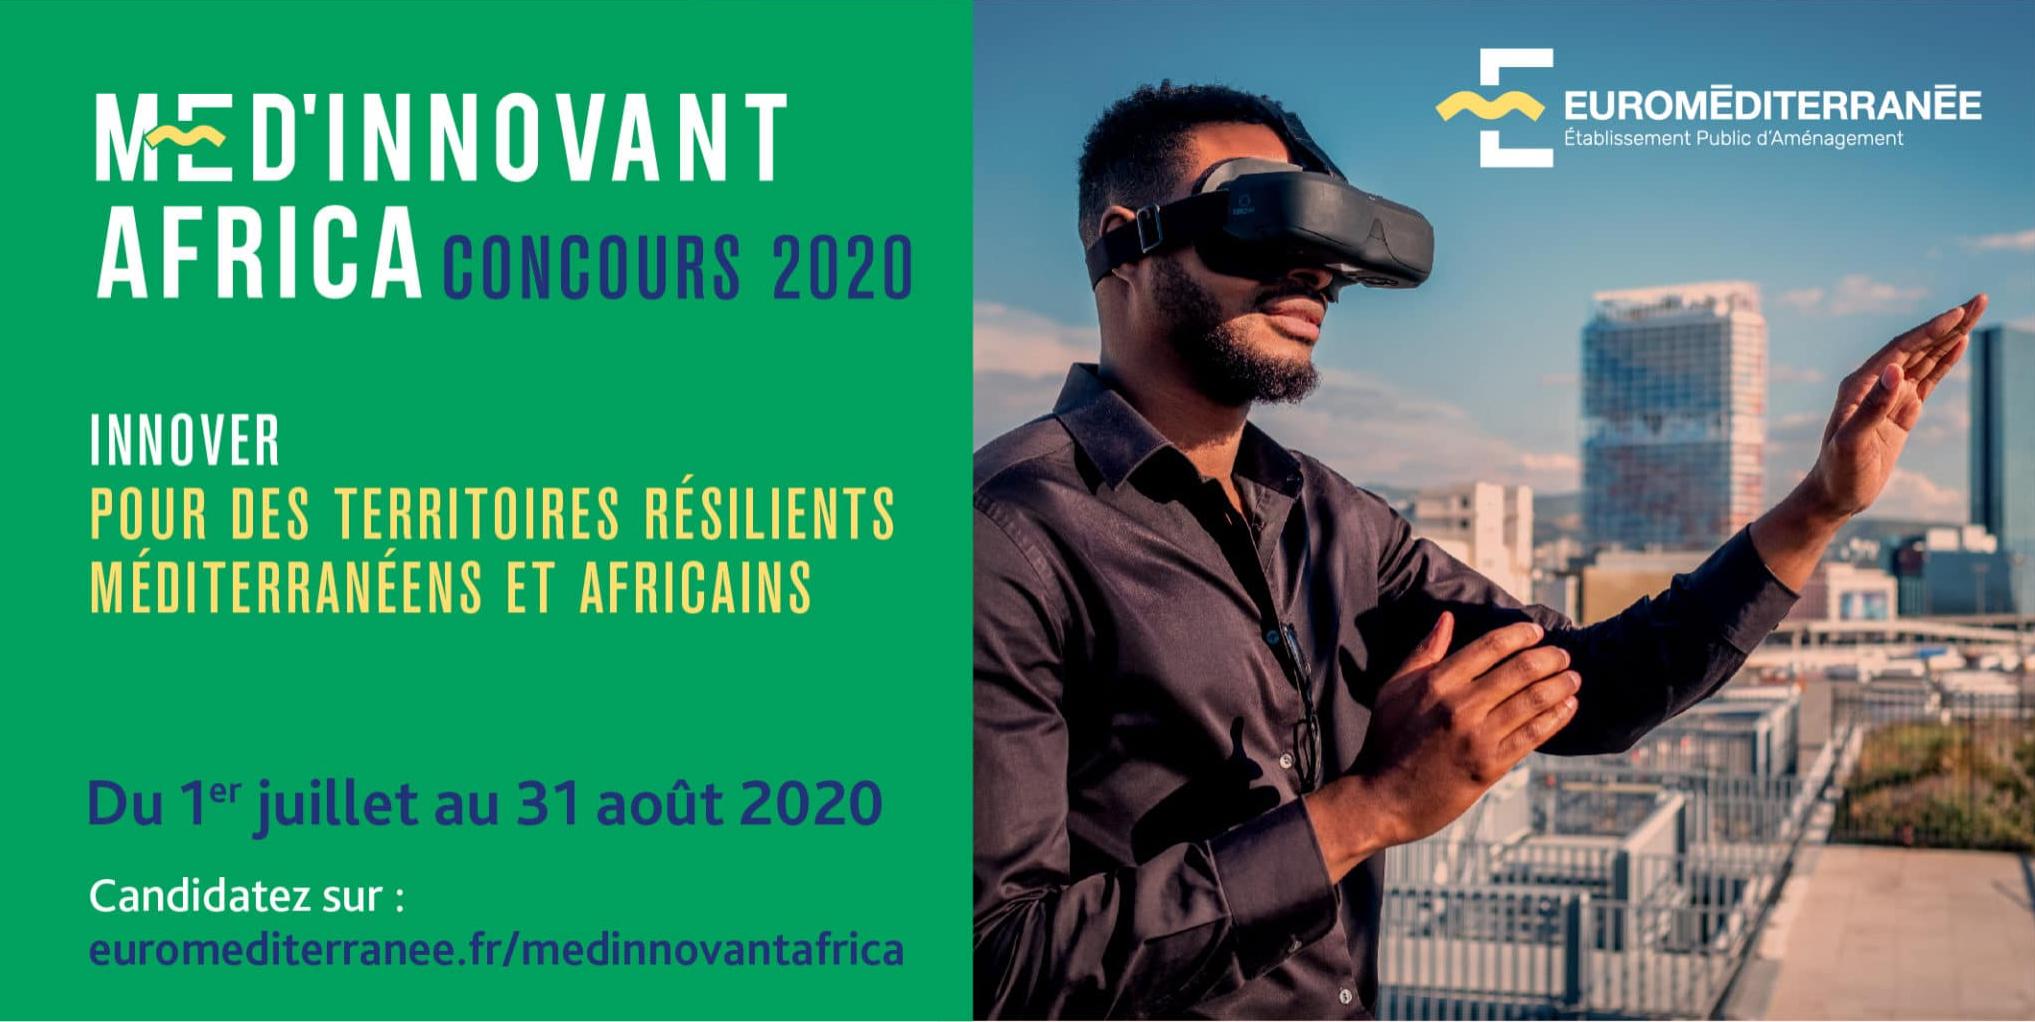 2ème édition du concours Med'Innovant Africa pour des startups au service de la ville durable